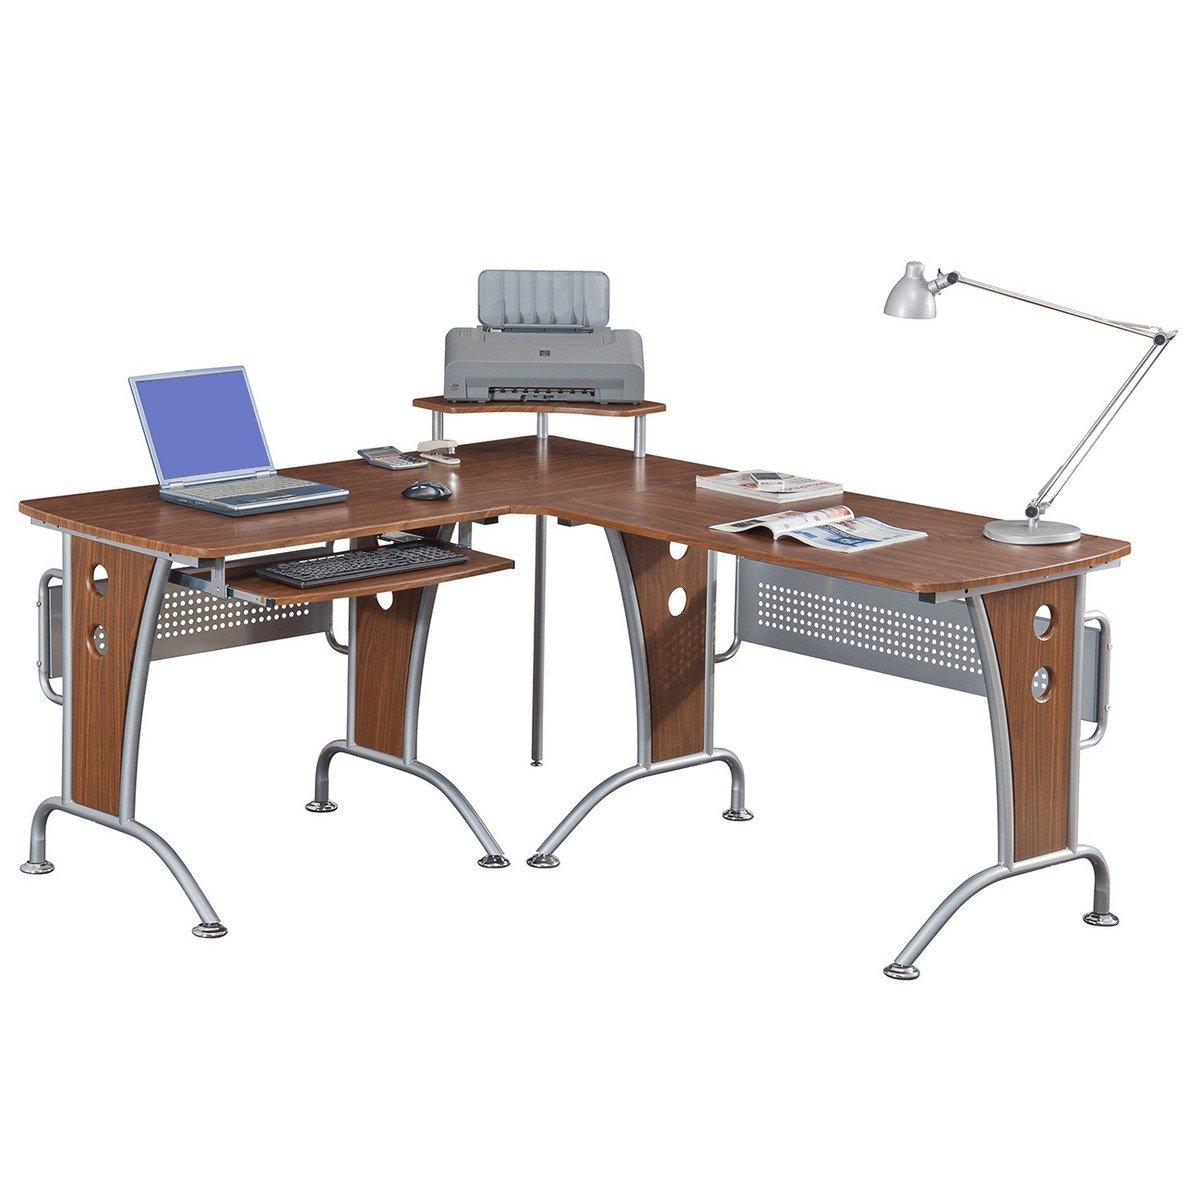 desks shaped hutch barrel desk pdx wayfair furniture computer cosner l studio with red